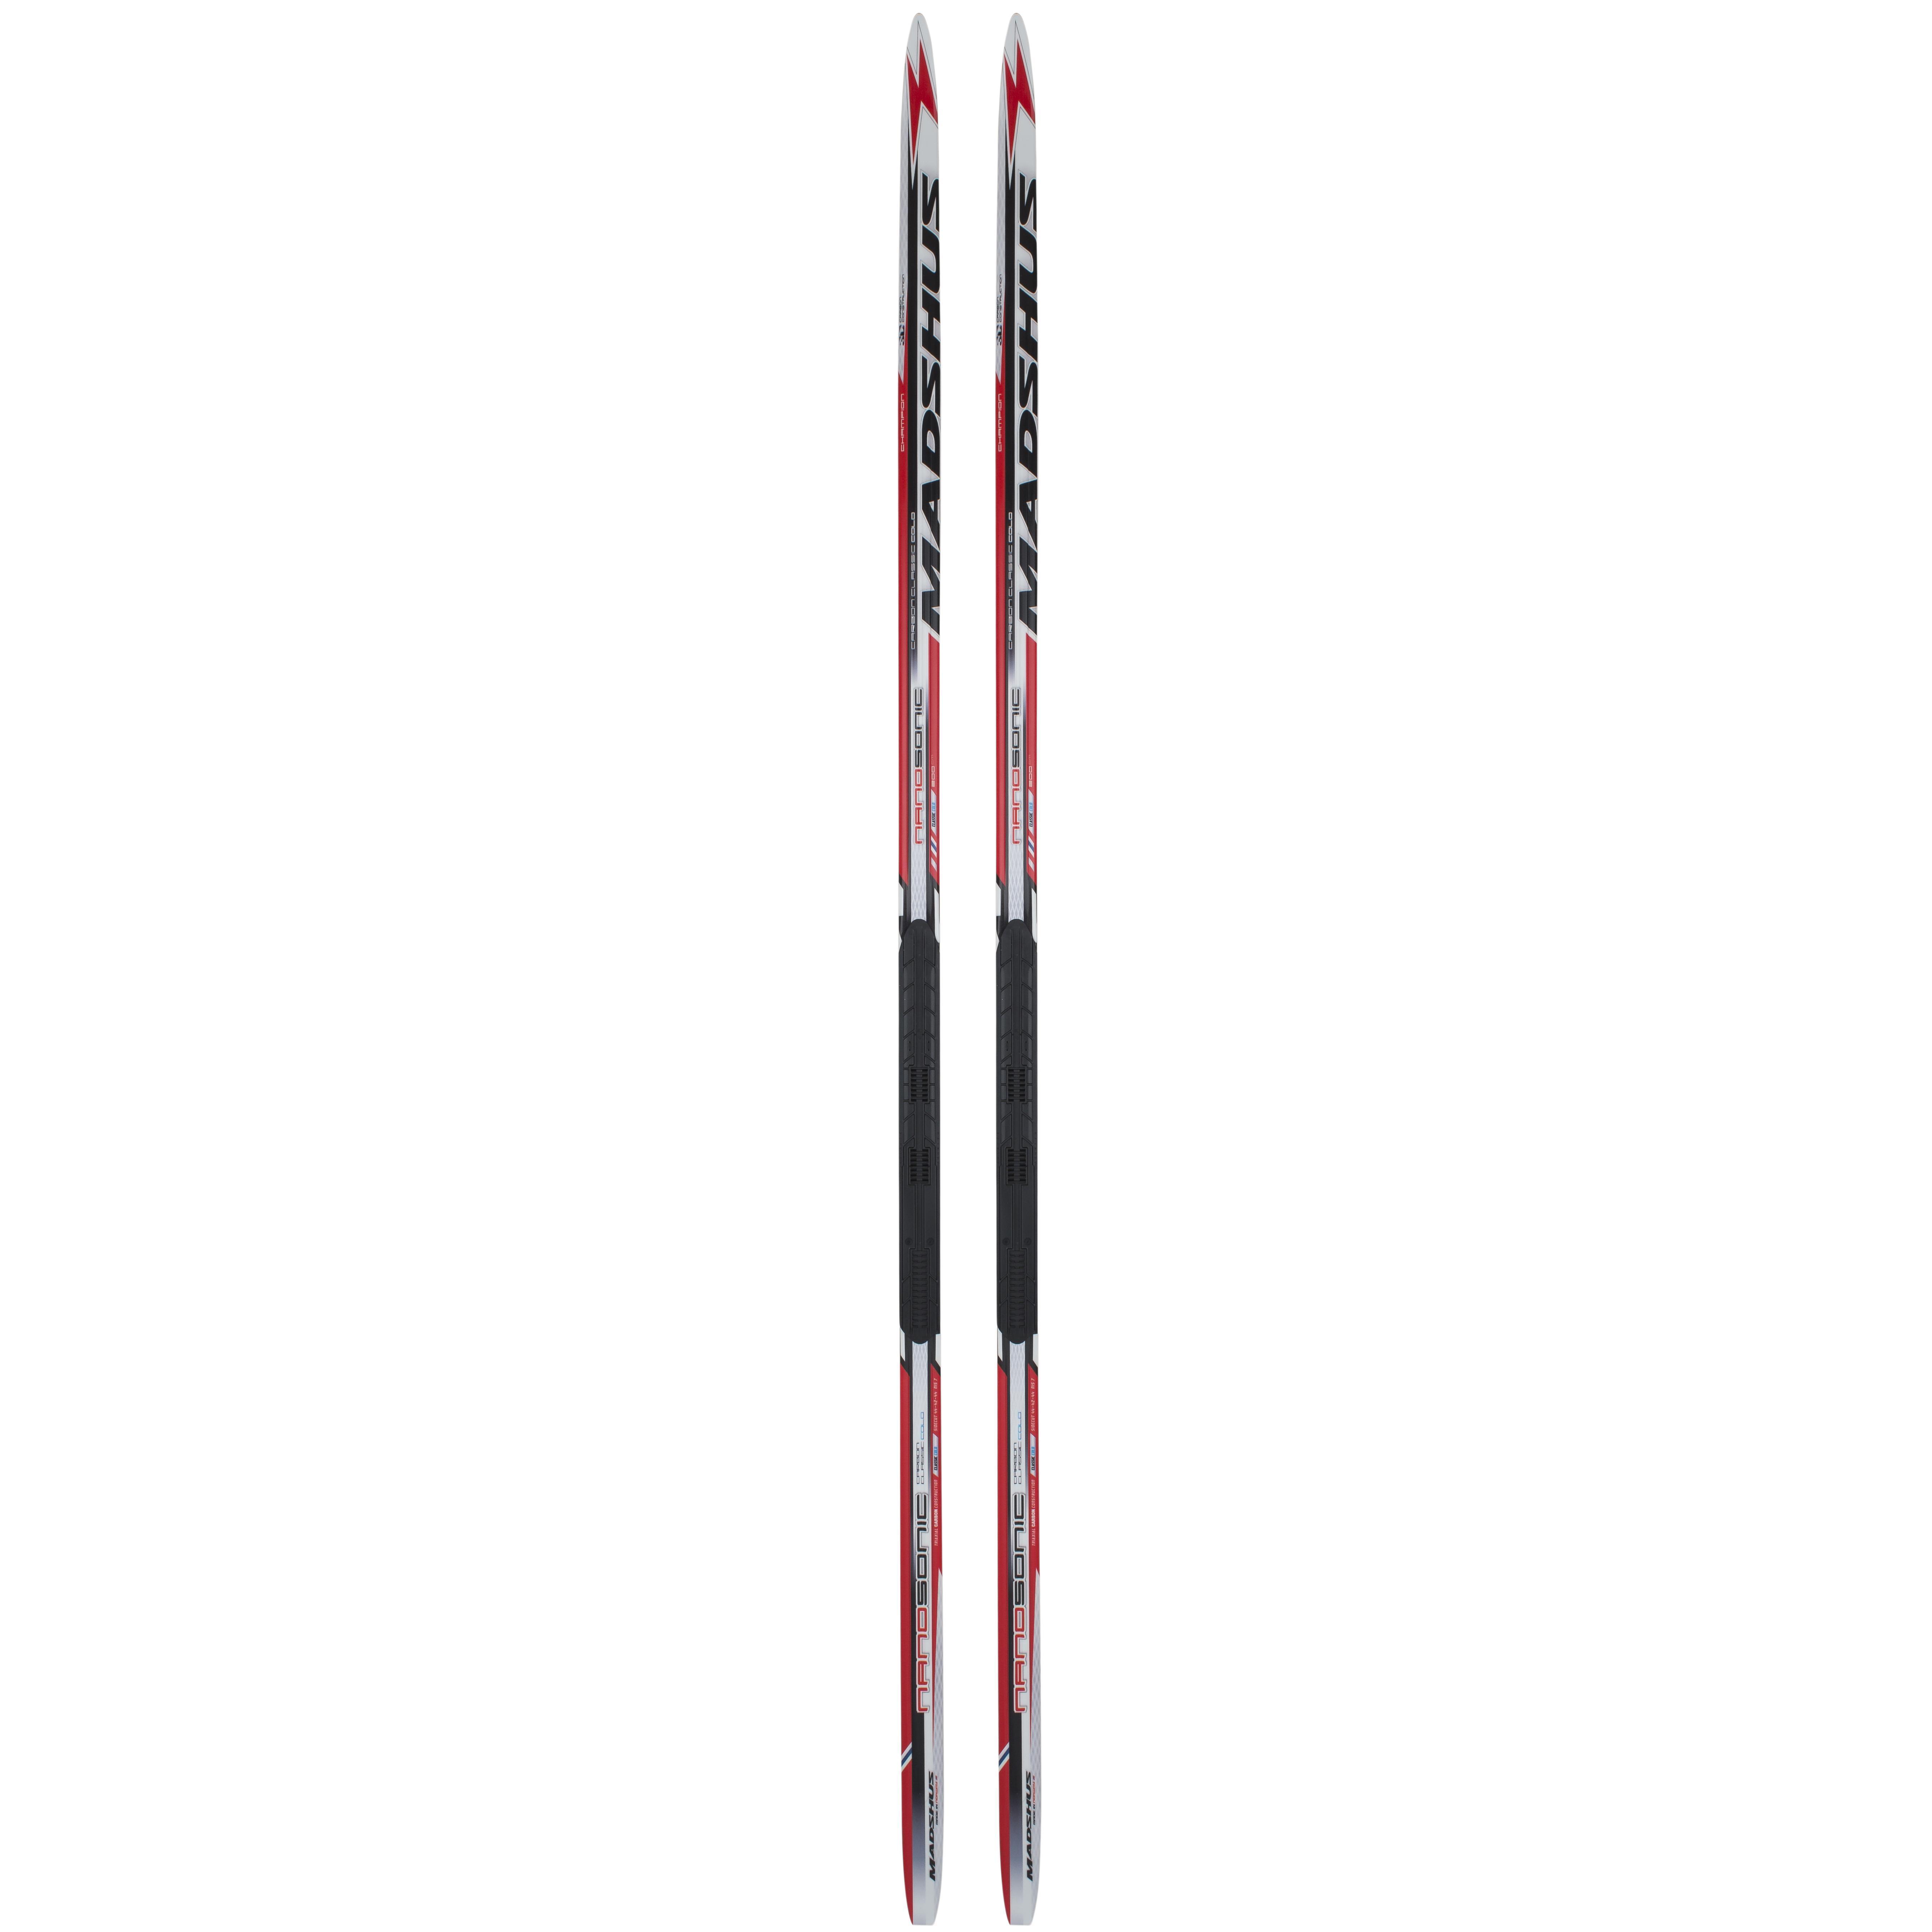 Купить Беговые лыжи MADSHUS 2015-16 RACE CHAMPION NANOSONIC CARBON CLASSIC COLD, лыжи, 1122505